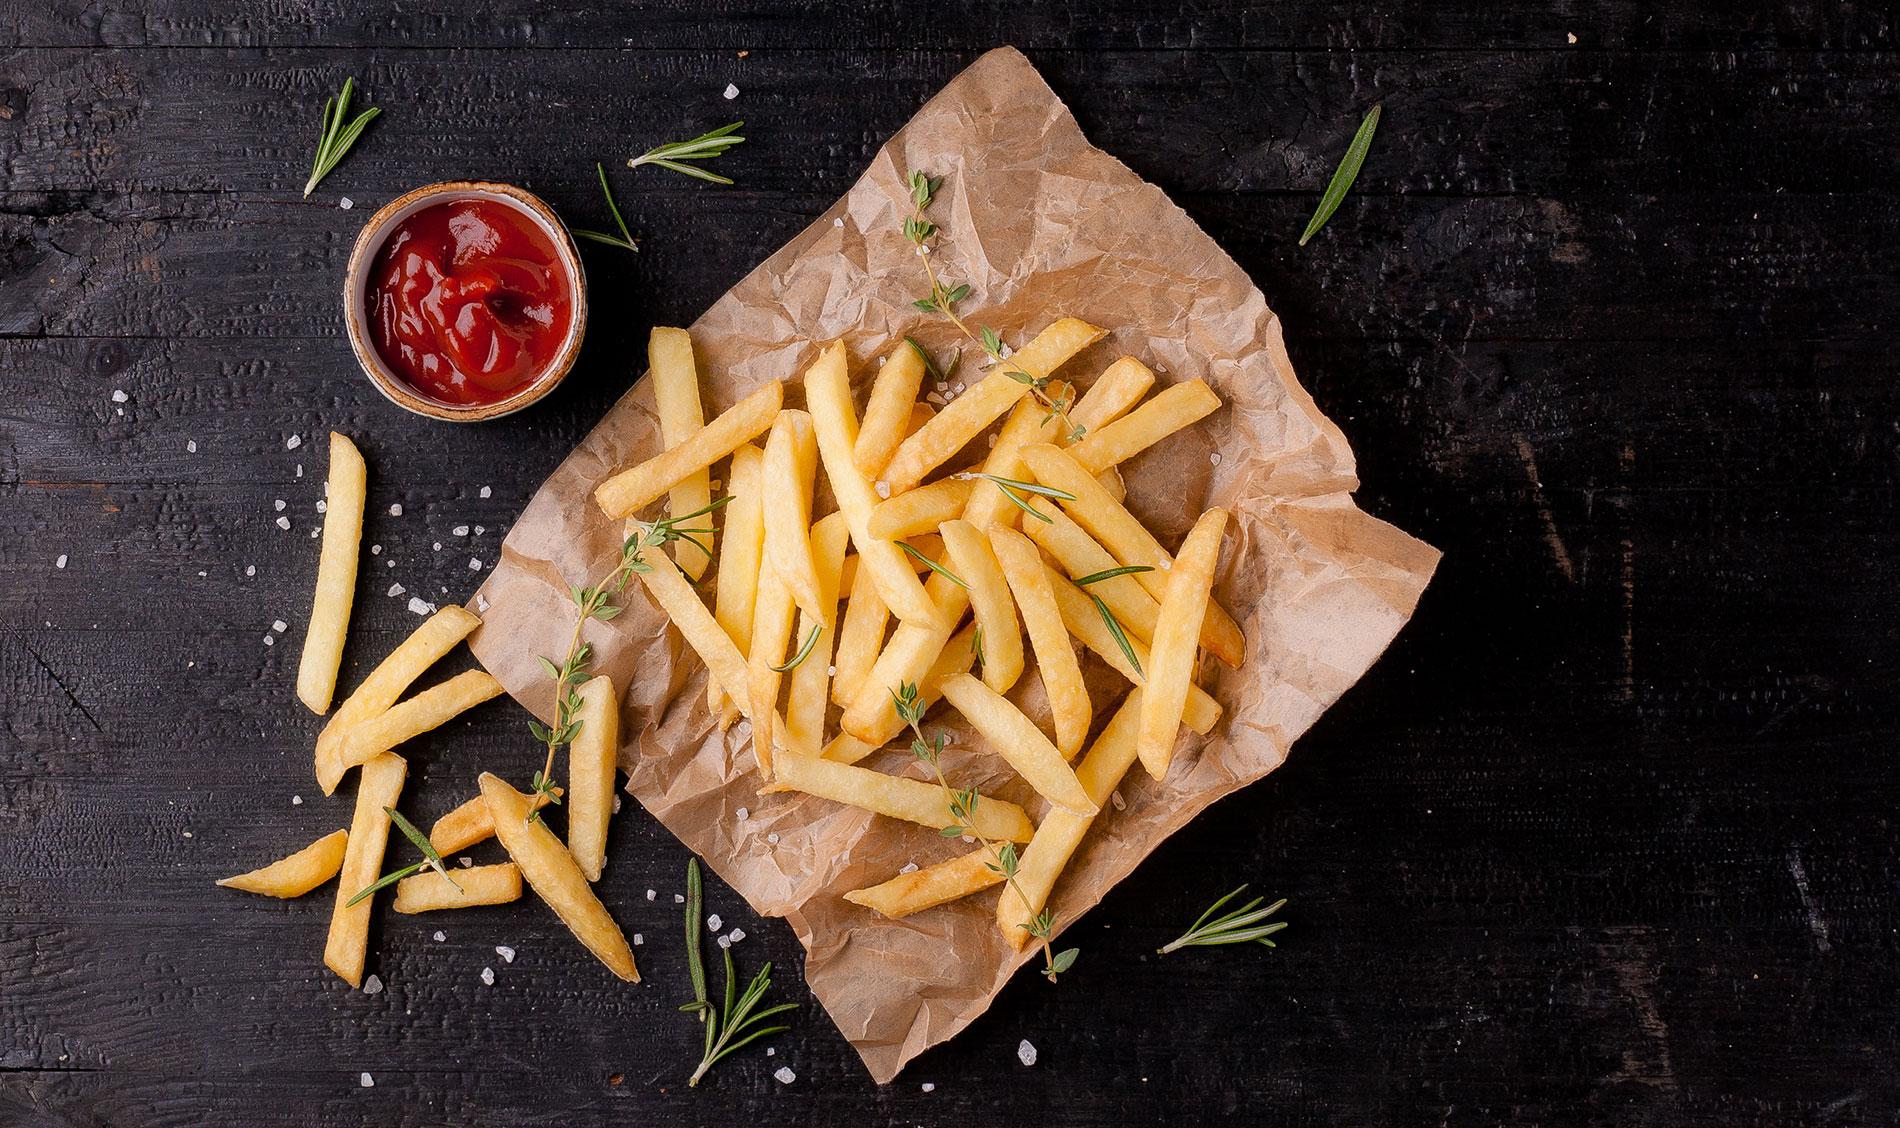 Les frites et poutines